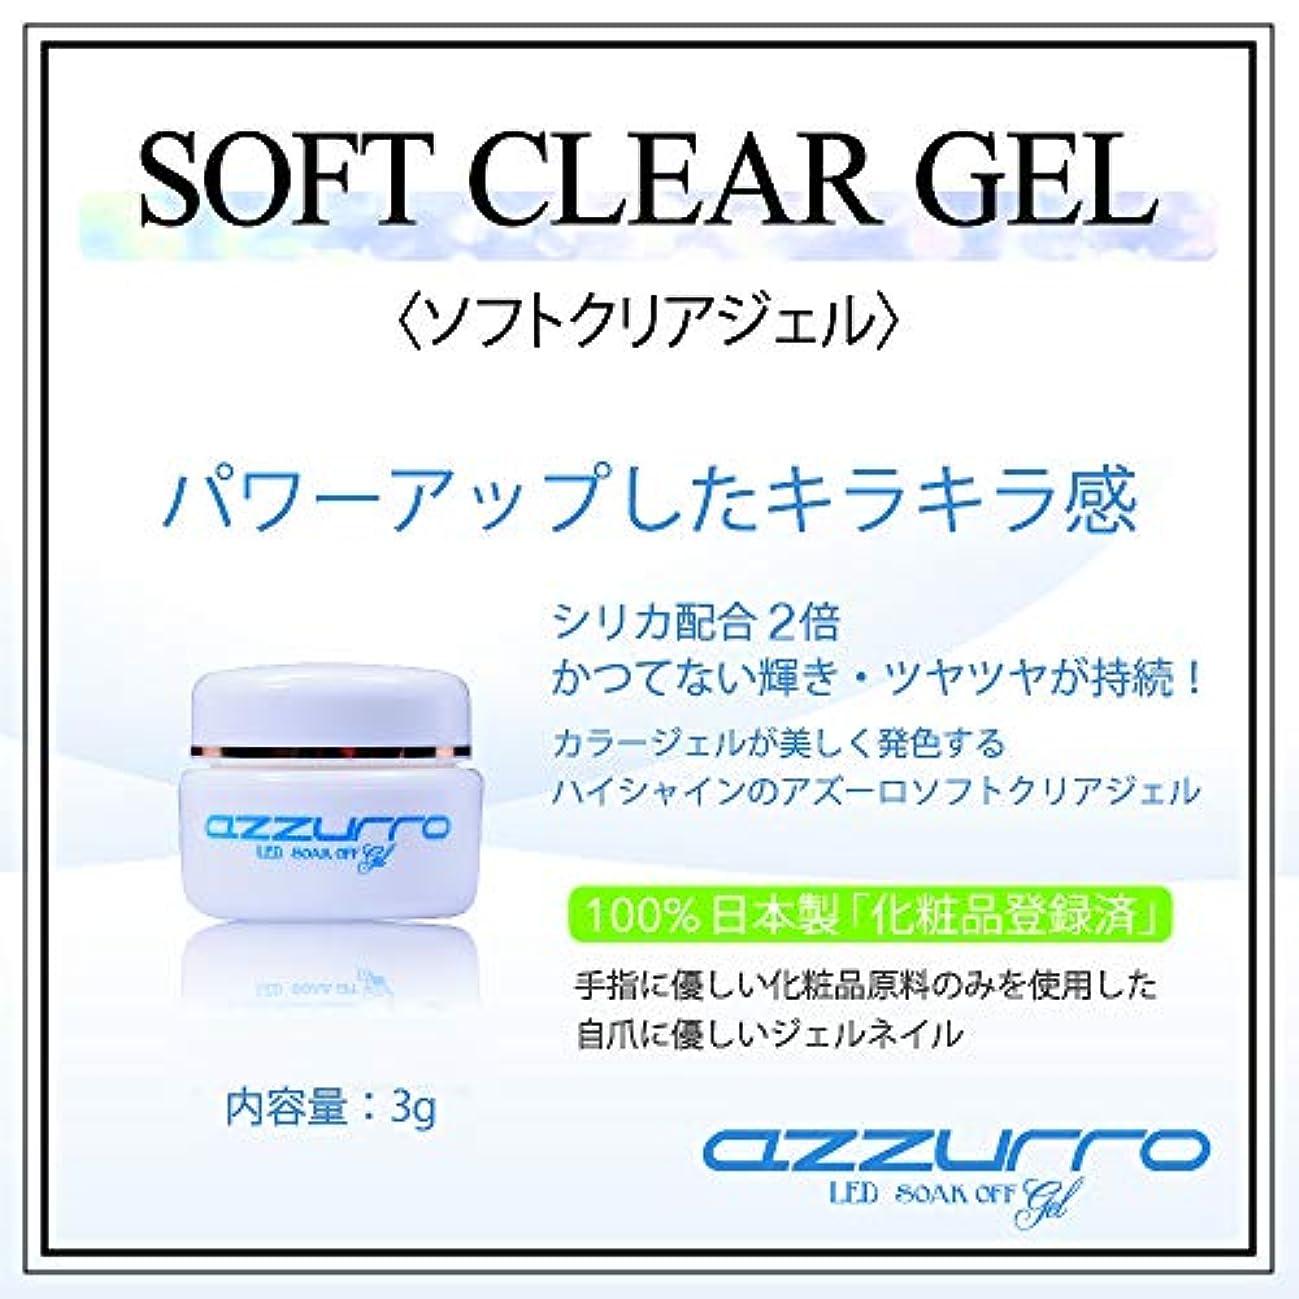 最初甘美な浮浪者azzurro gel アッズーロ ソフトクリアージェル ツヤツヤ キラキラ感持続 抜群のツヤ 爪に優しい日本製 3g